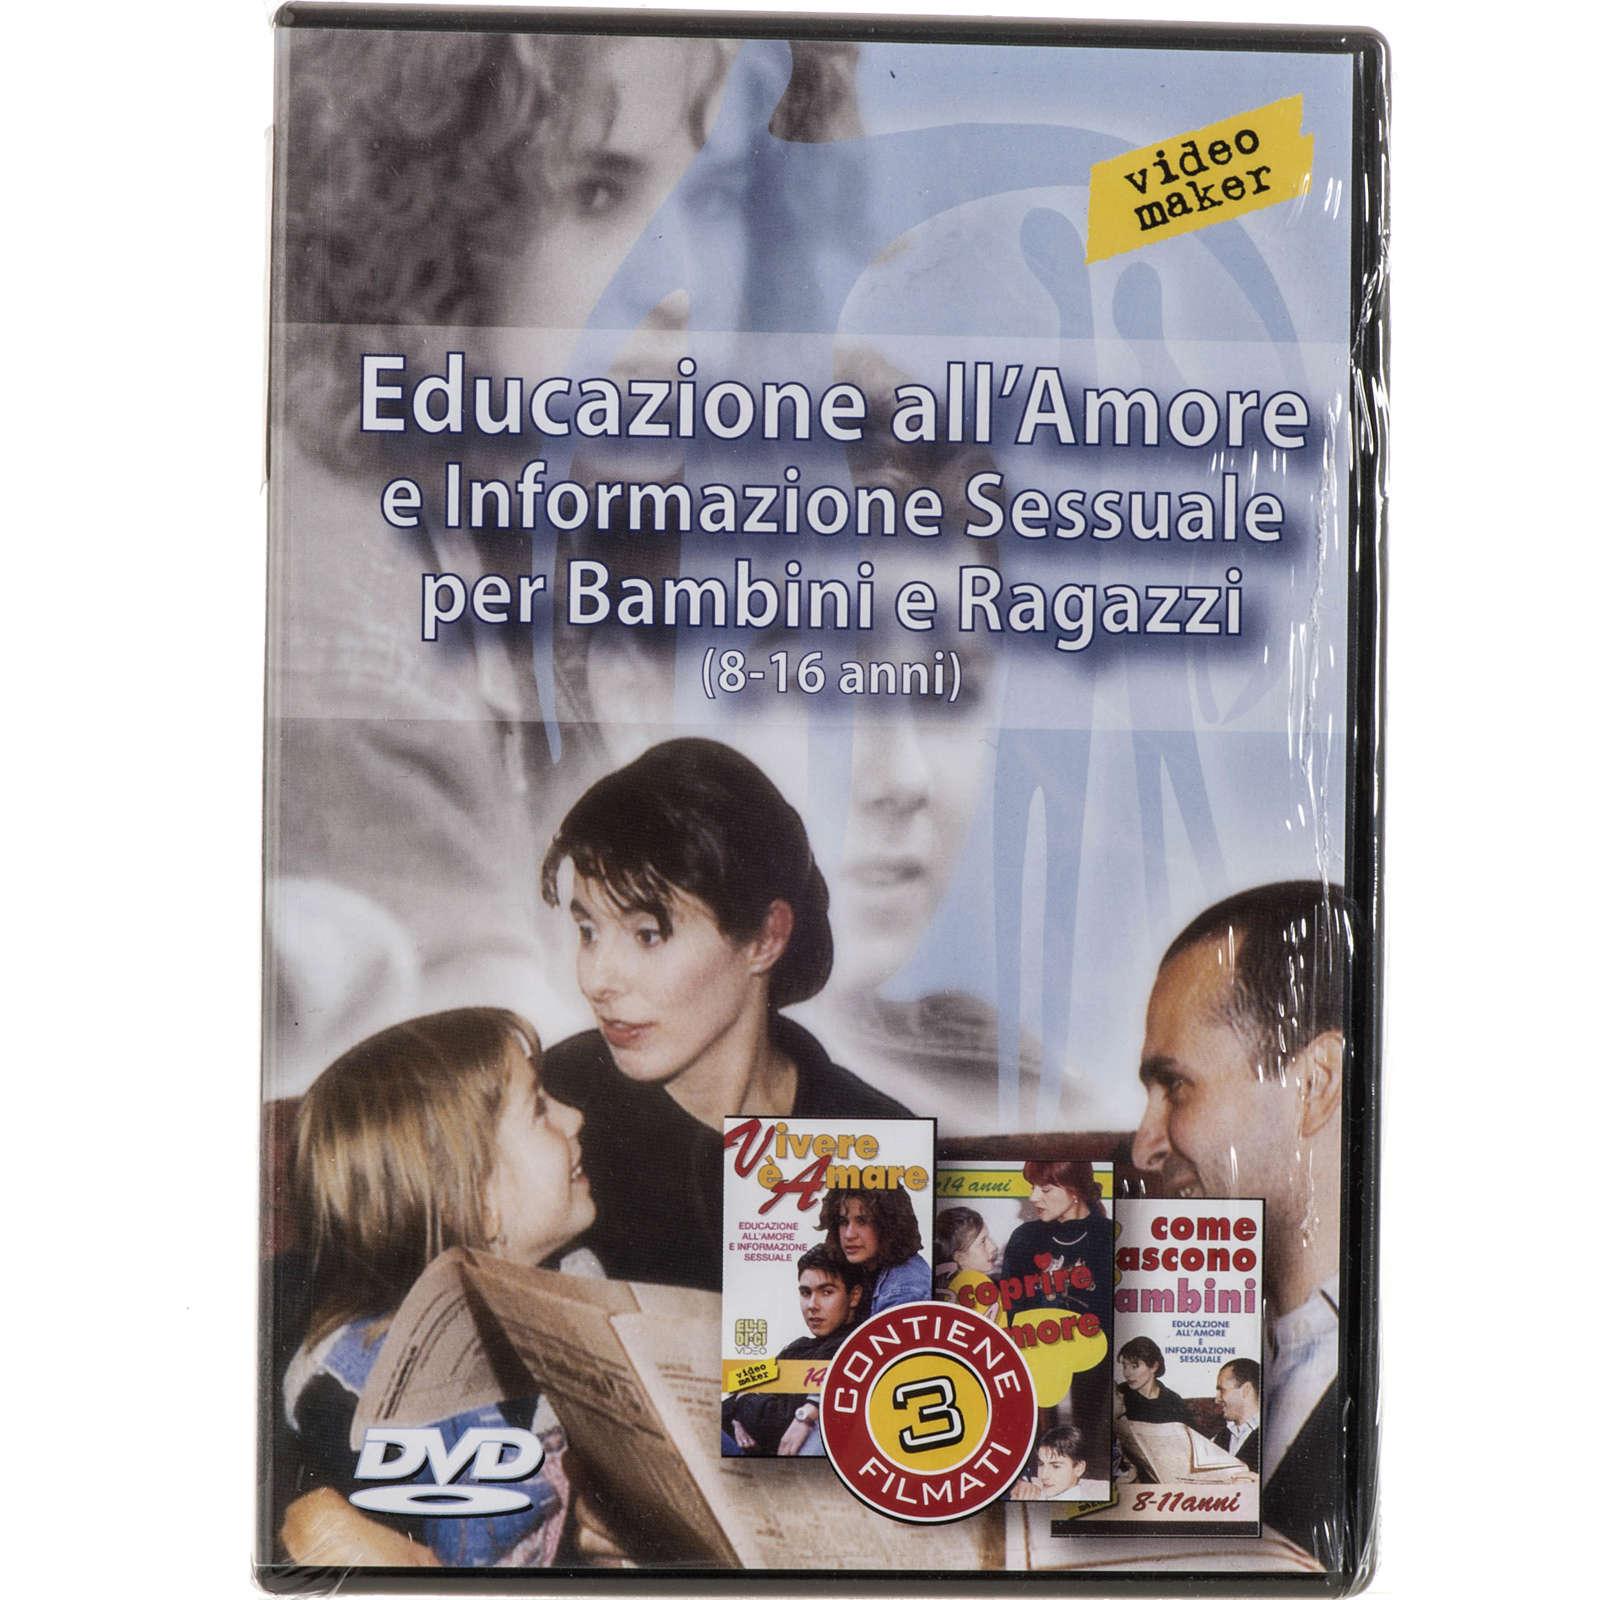 Educazione all'Amore e Informazione Sessuale 3